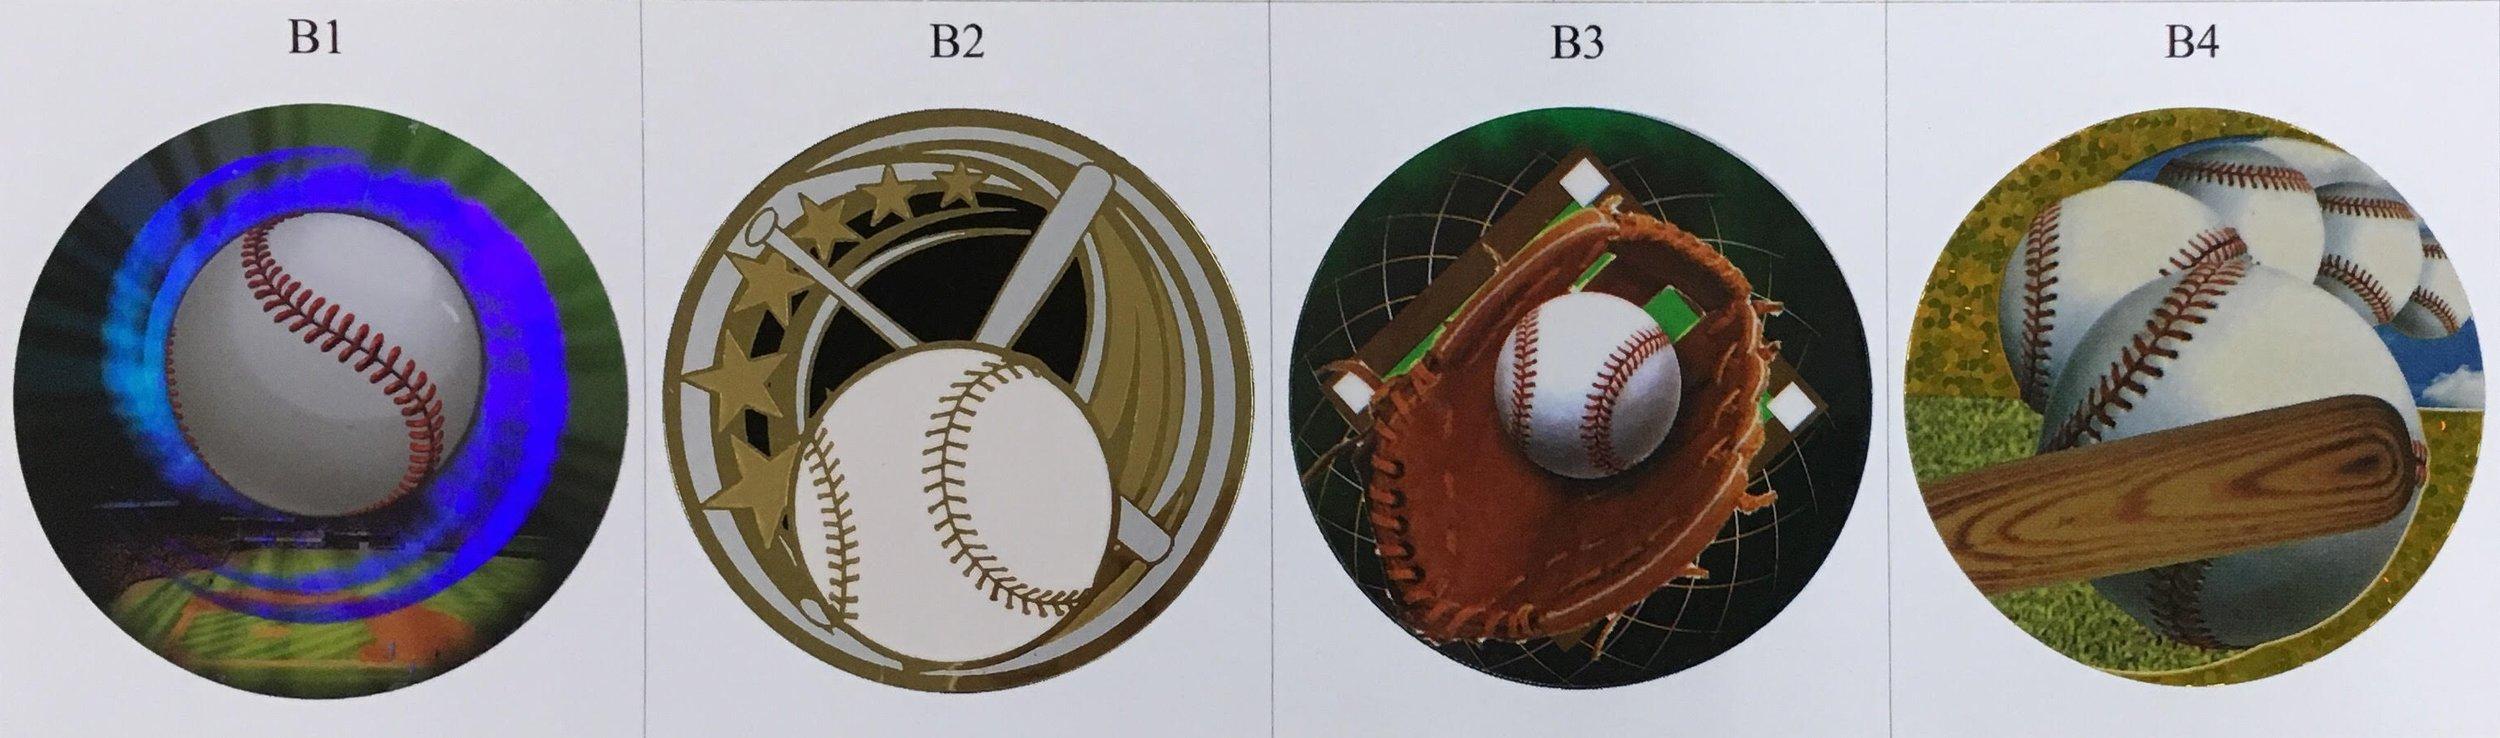 Baseball mylars.jpg